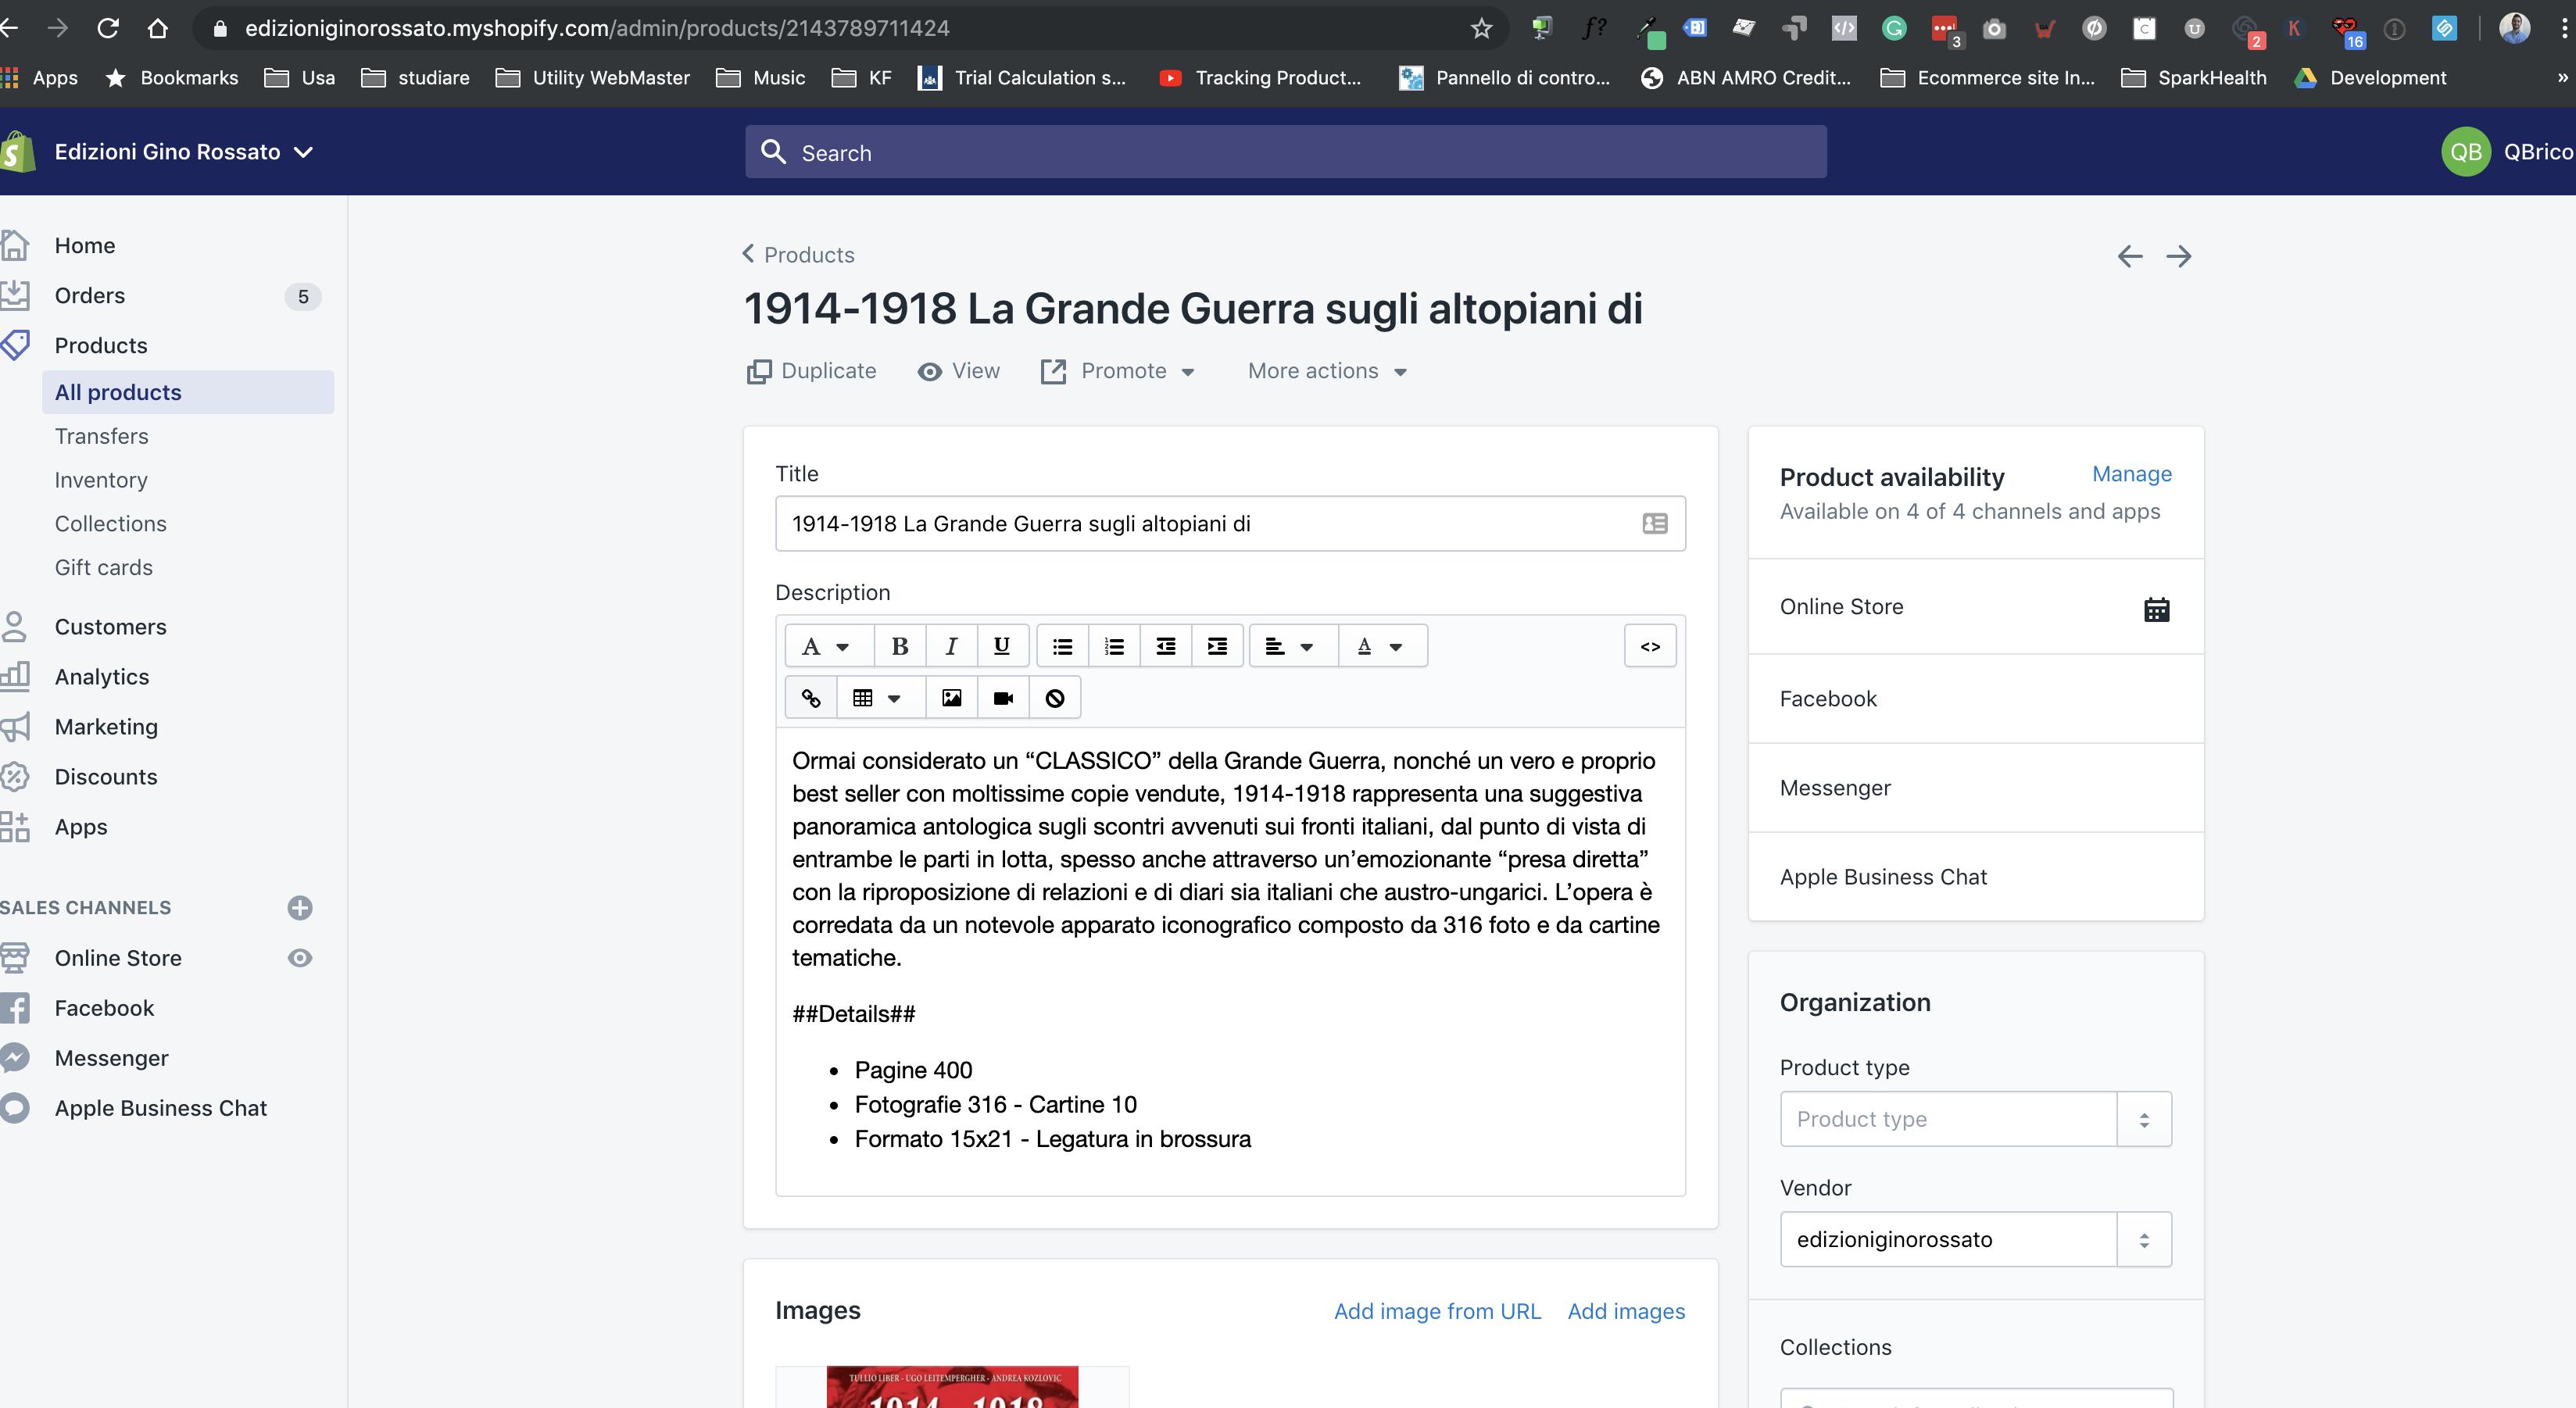 Screenshot 2019-08-25 at 16.43.09.png